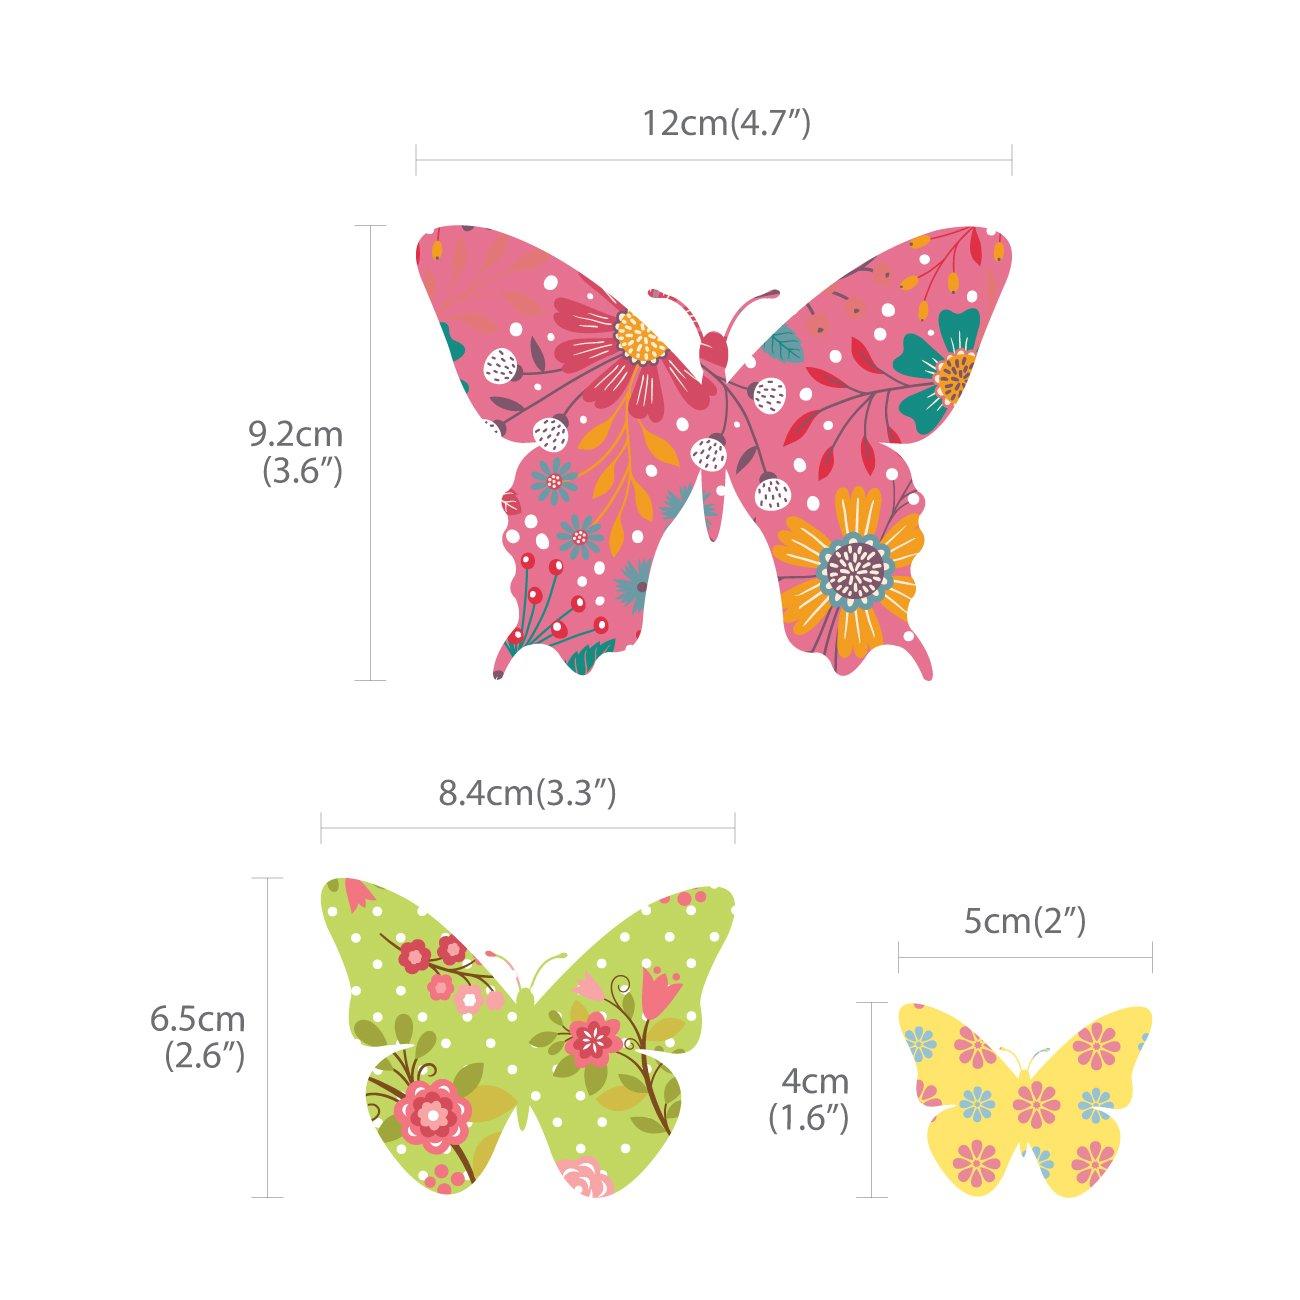 Großzügig Einfache Schmetterling Färbung Seite Galerie ...